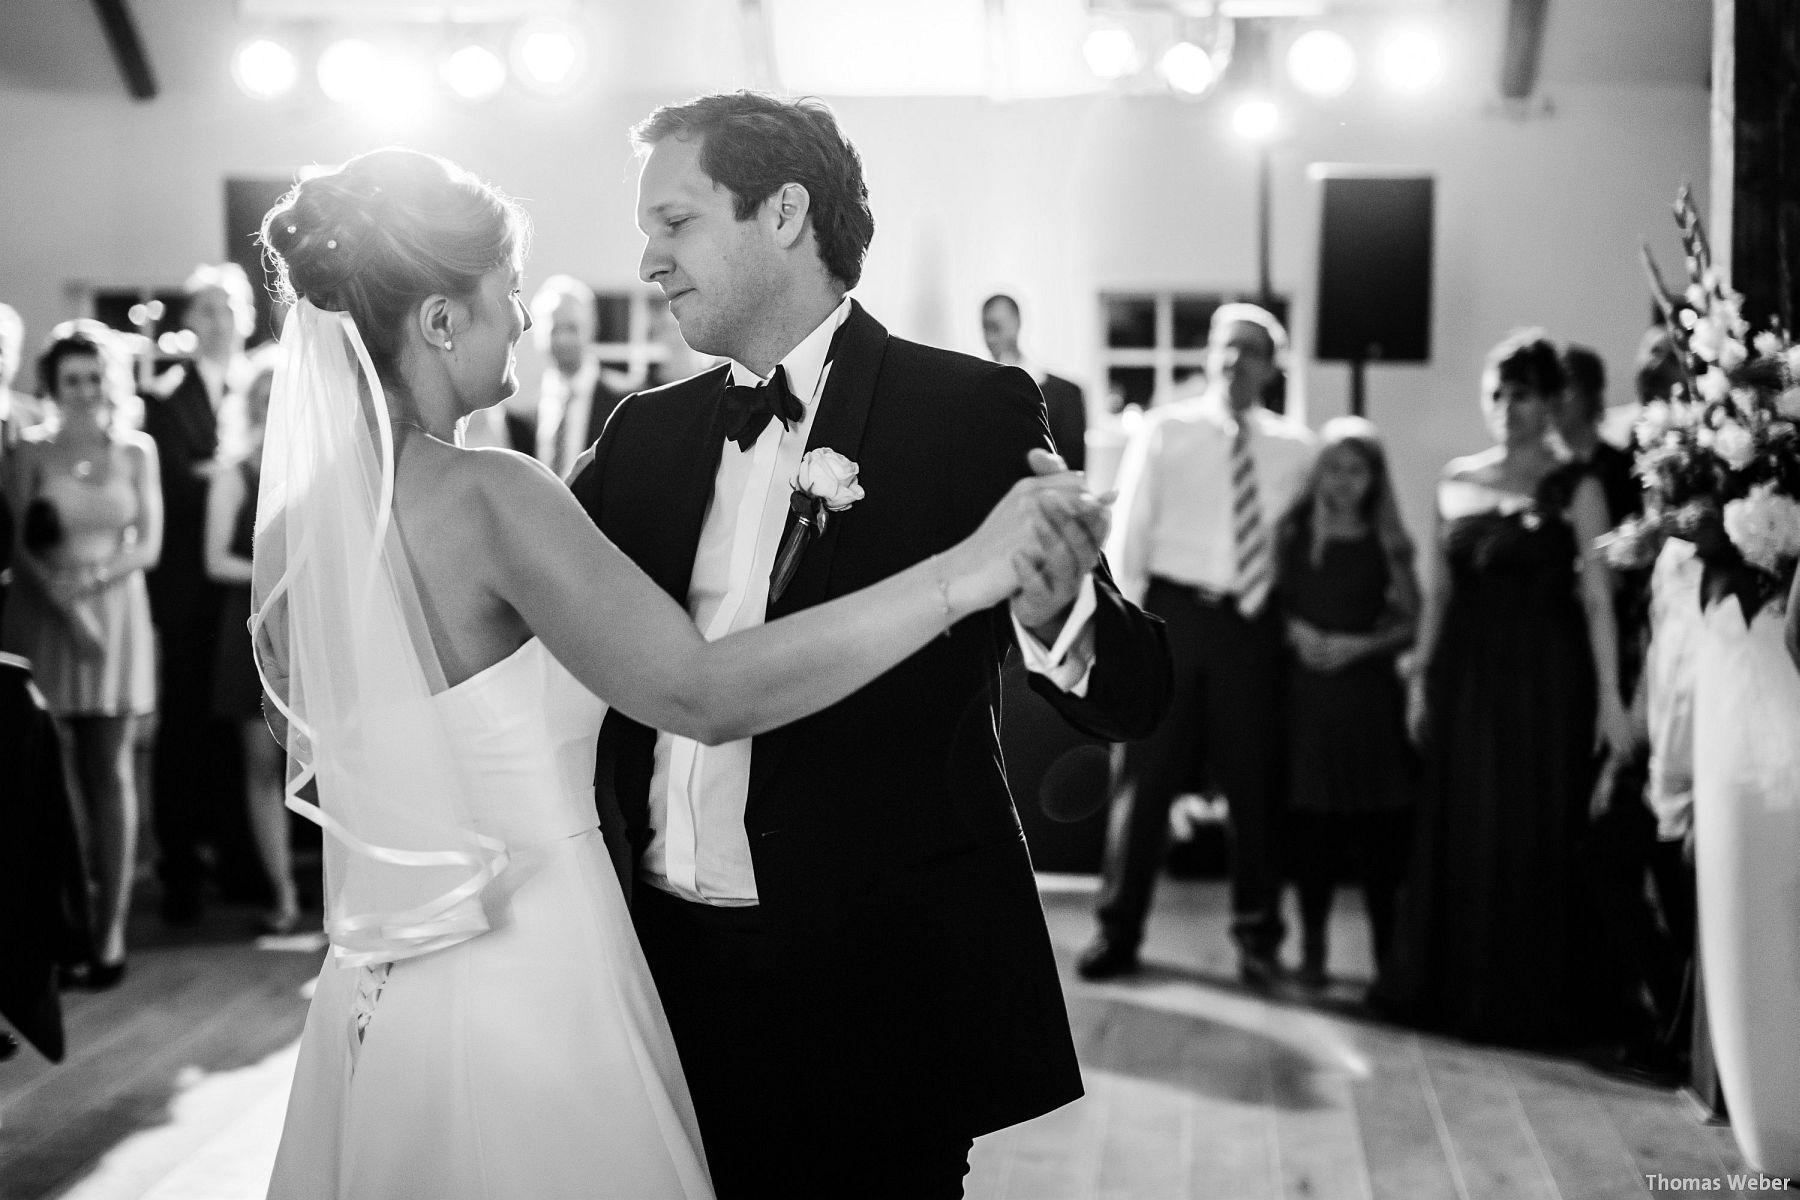 Hochzeitsfotograf Rastede: Kirchliche Trauung in der St. Ulrichs Kirche Rastede und Hochzeitsfeier in der Eventscheune St Georg Rastede mit dem Catering von Split Food (Michael Niebuhr) aus Oldenburg (51)